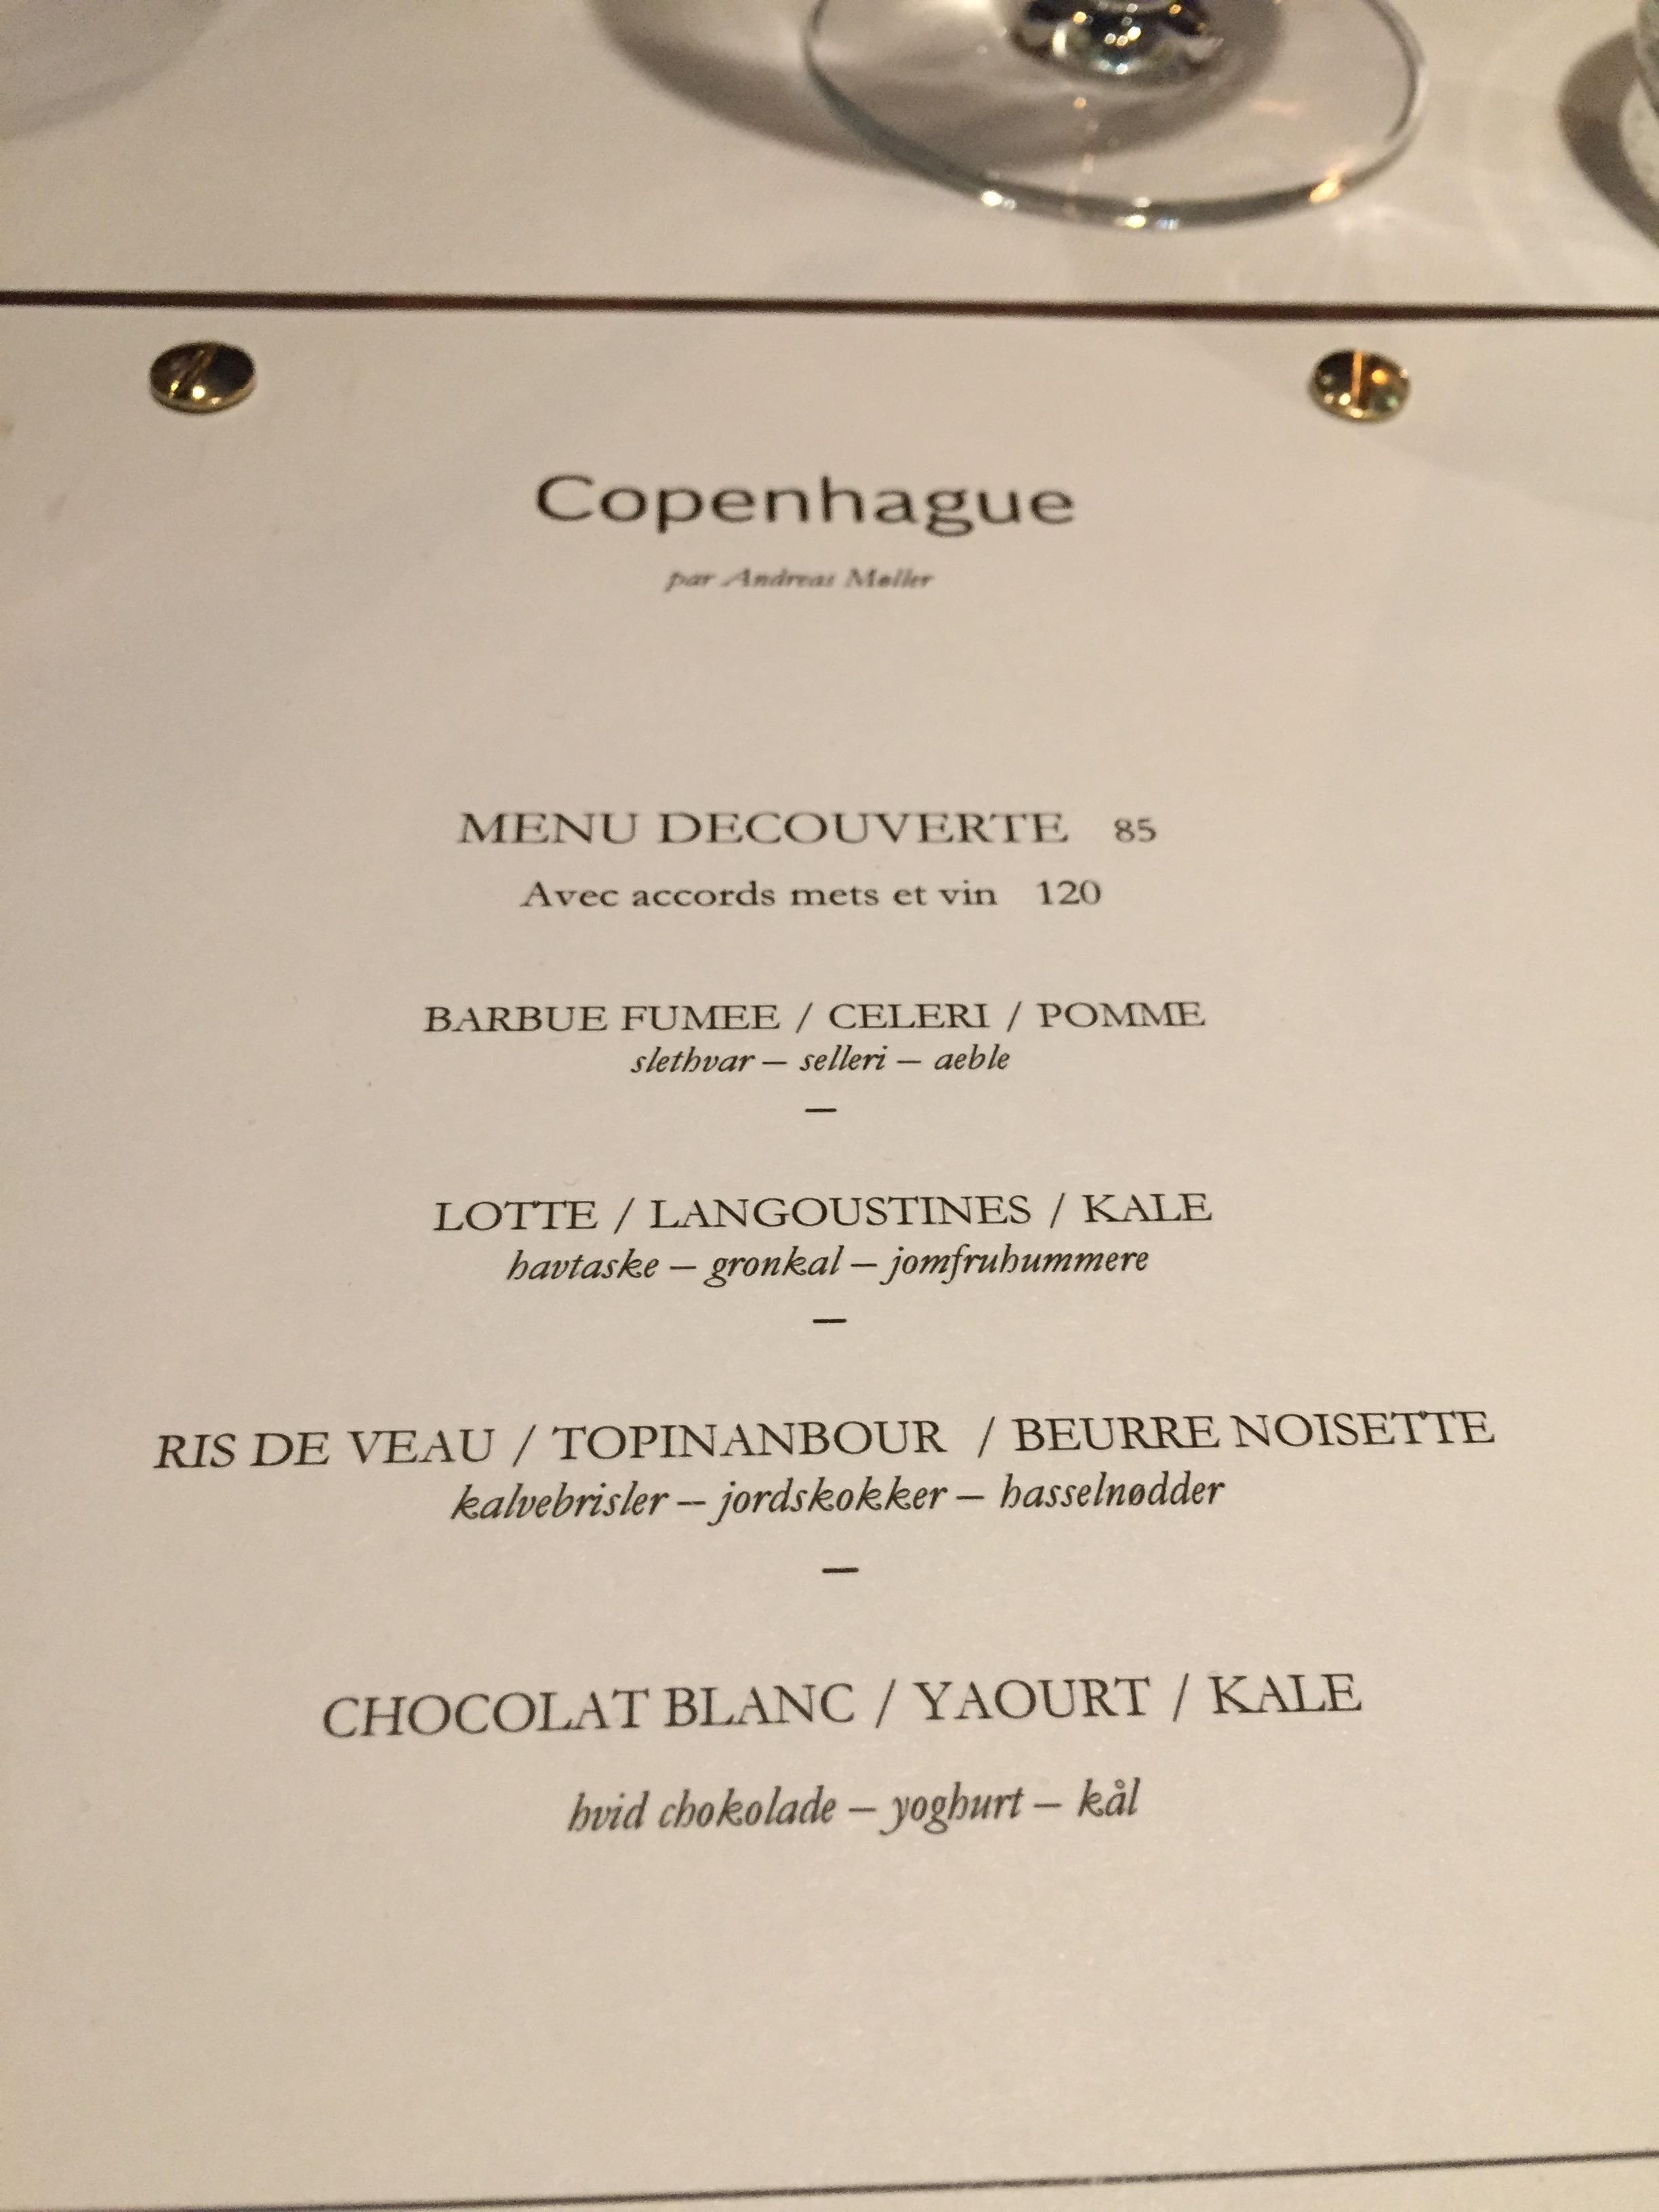 Copenhague - menu @ Alexander Lobrano